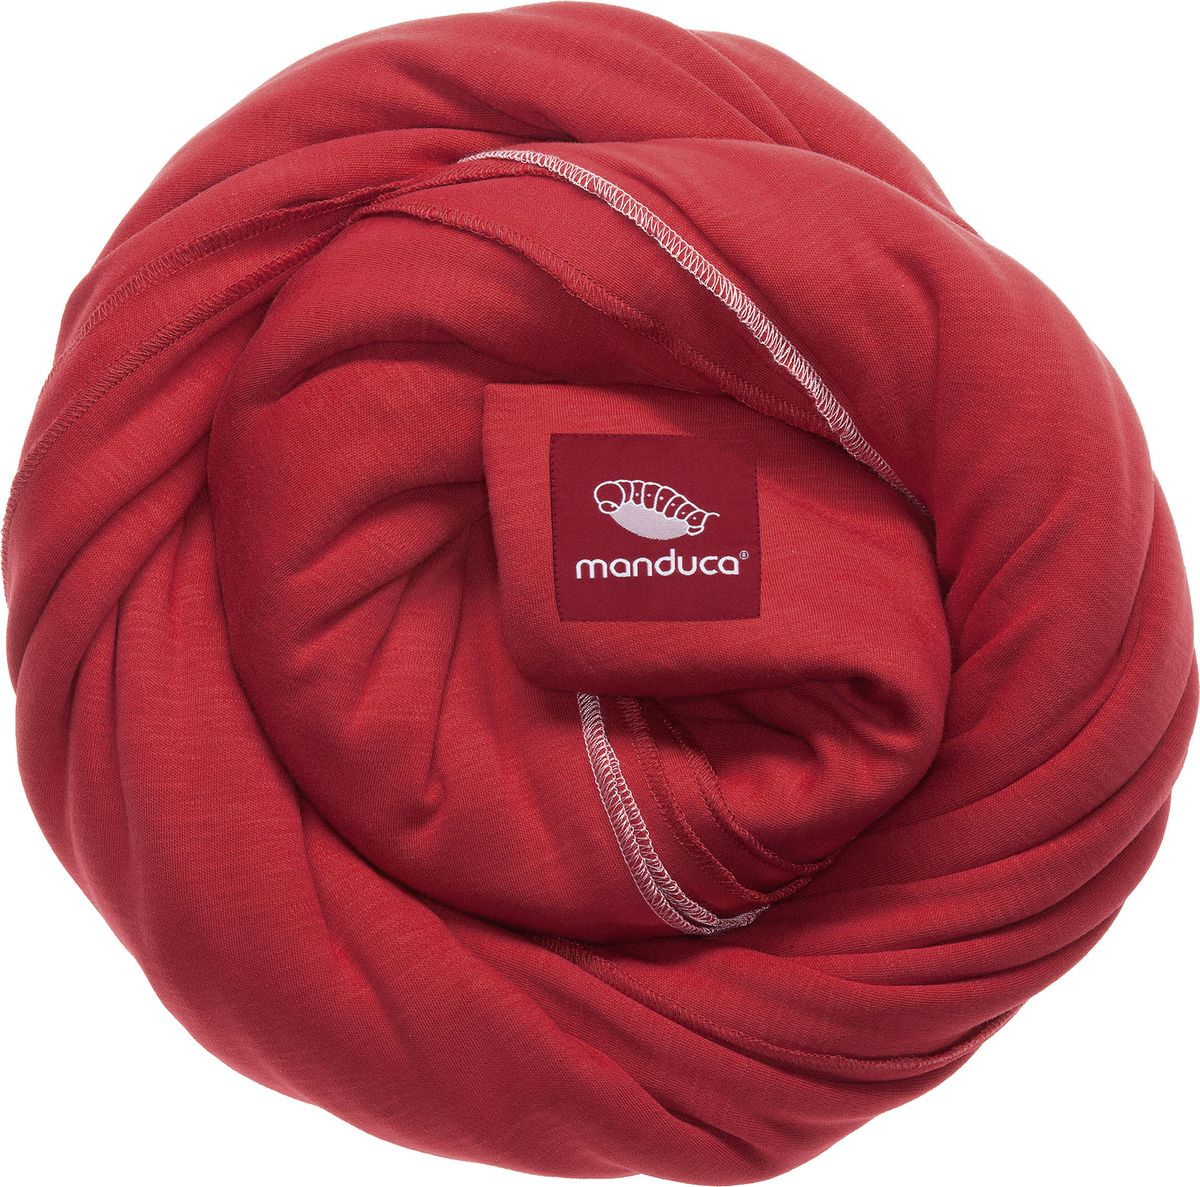 Manduca Слинг-шарф цвет красный manduca слинг рюкзак purecotton цвет красный